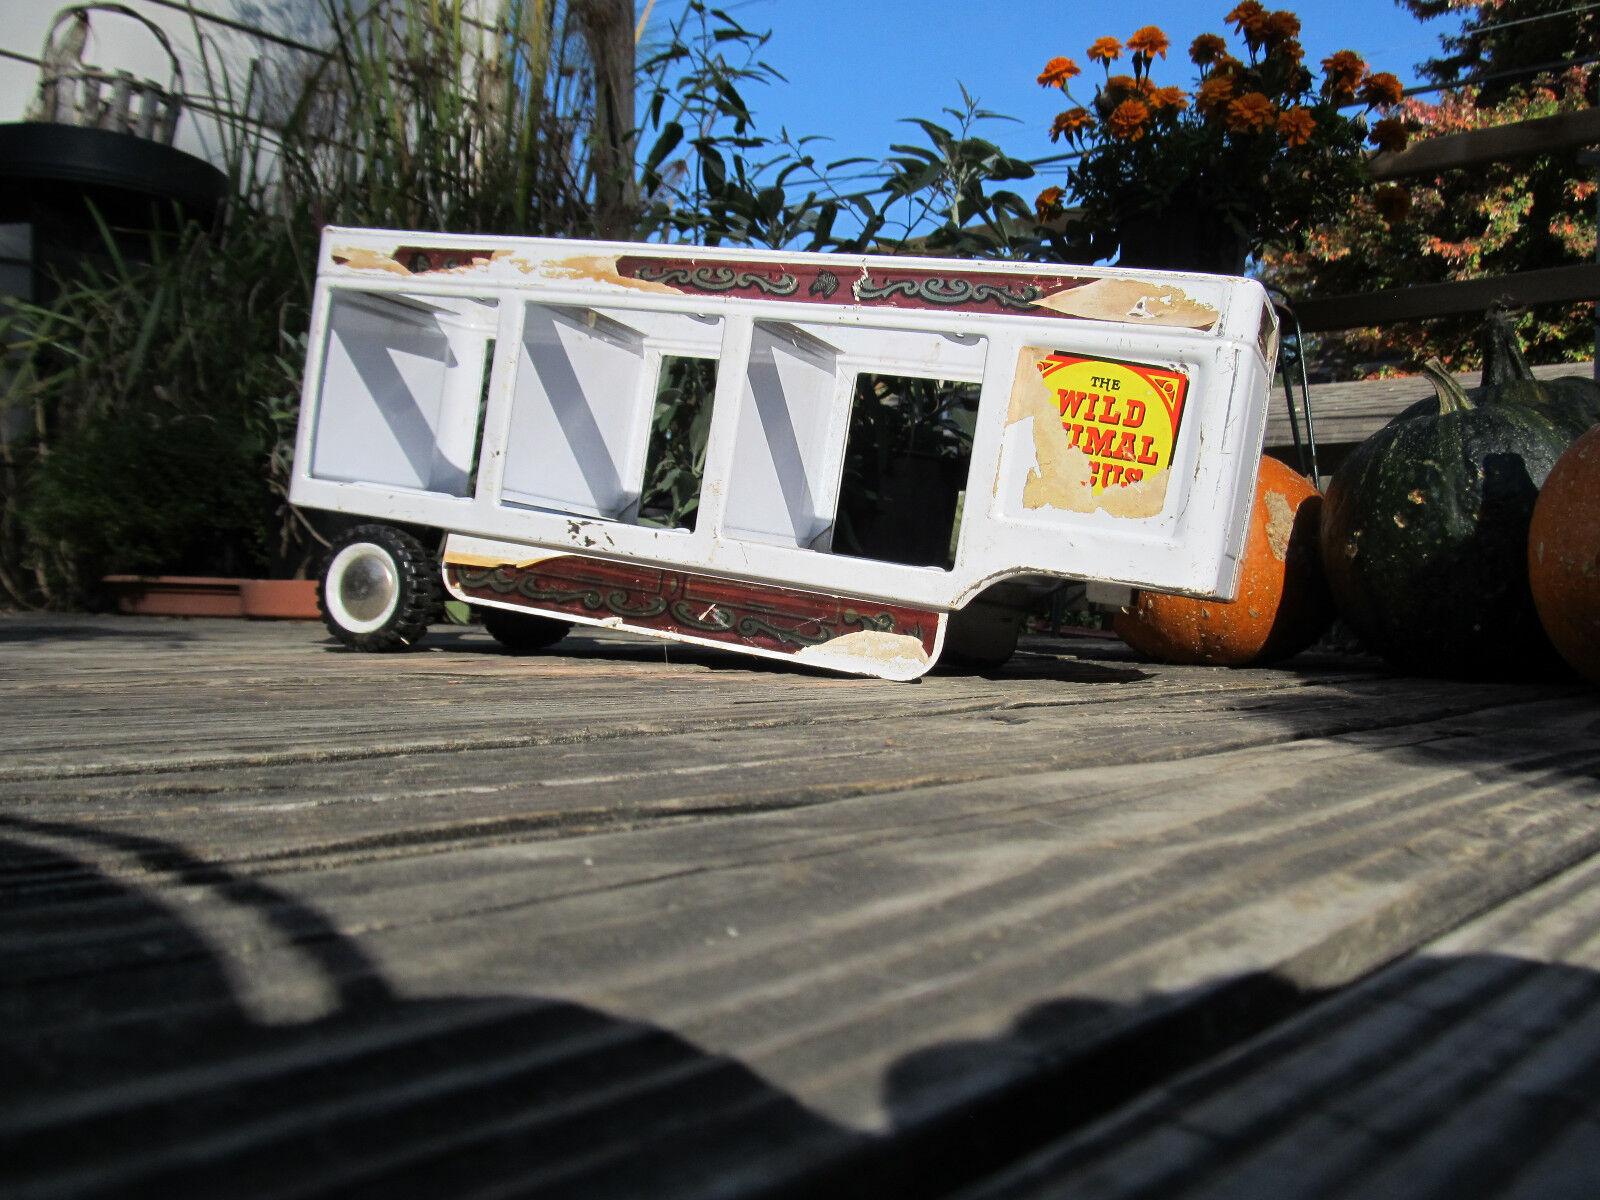 Jahrgang sehr selten folgen uns die wildtier - zirkus auf rädern  l - trailer